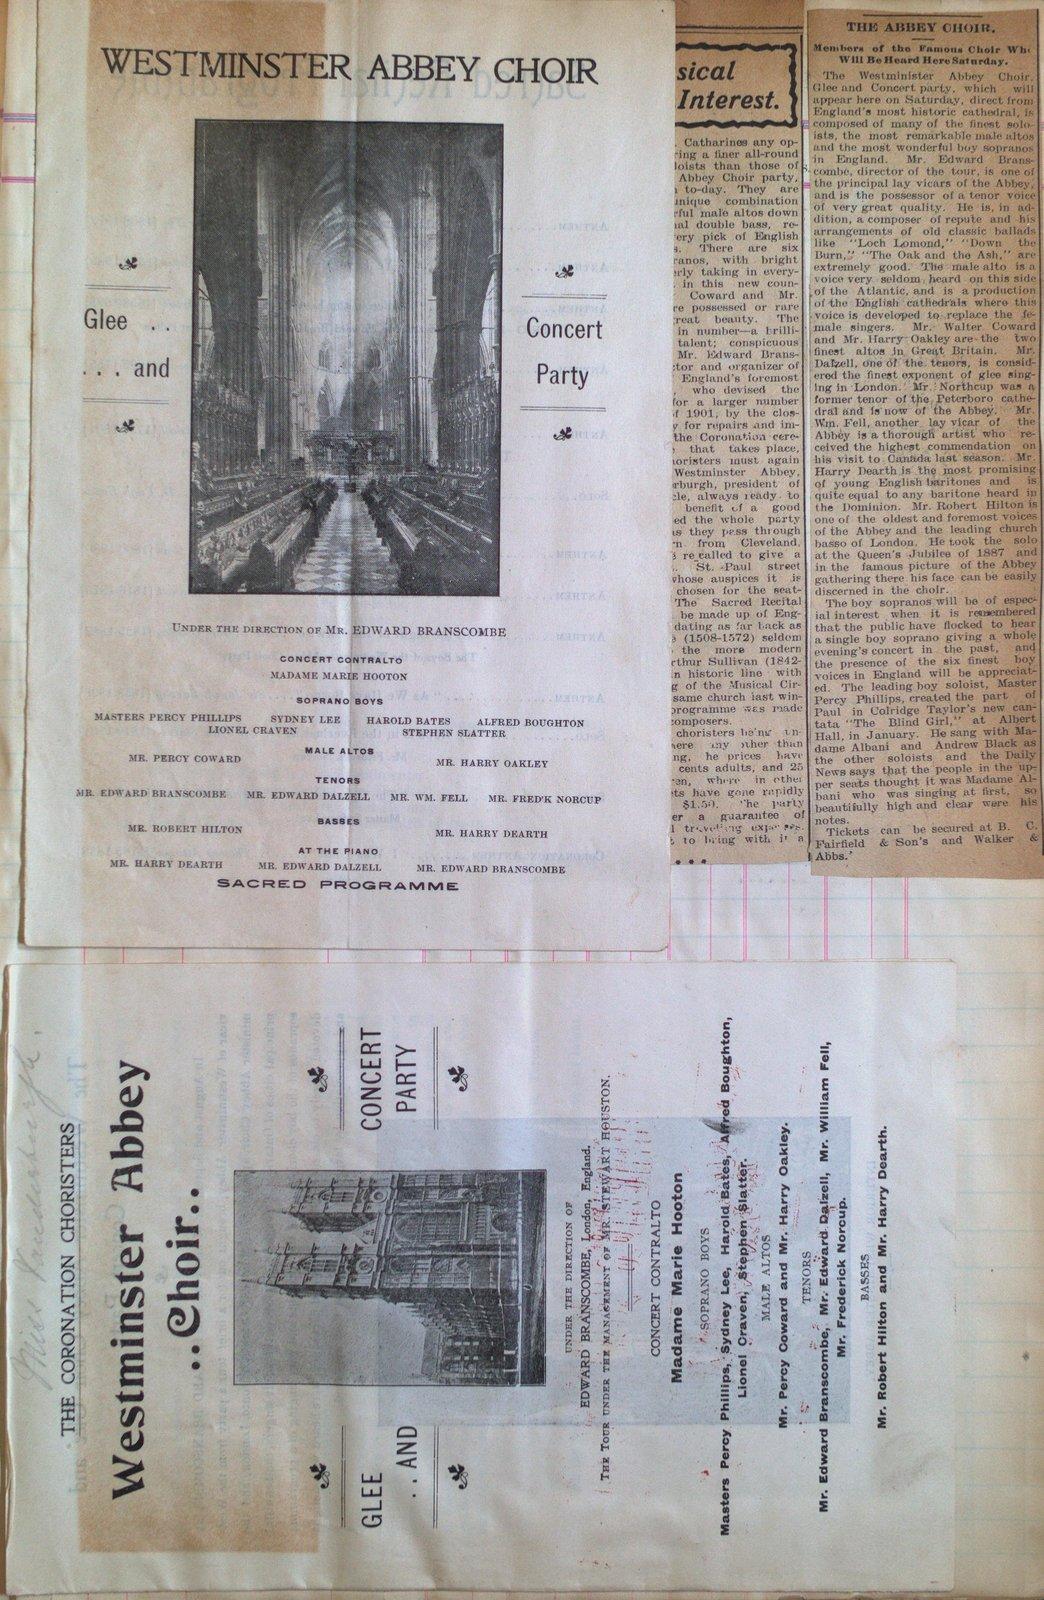 Teresa Vanderburgh's Musical Scrapbook #2 - Westminster Abbey Choir